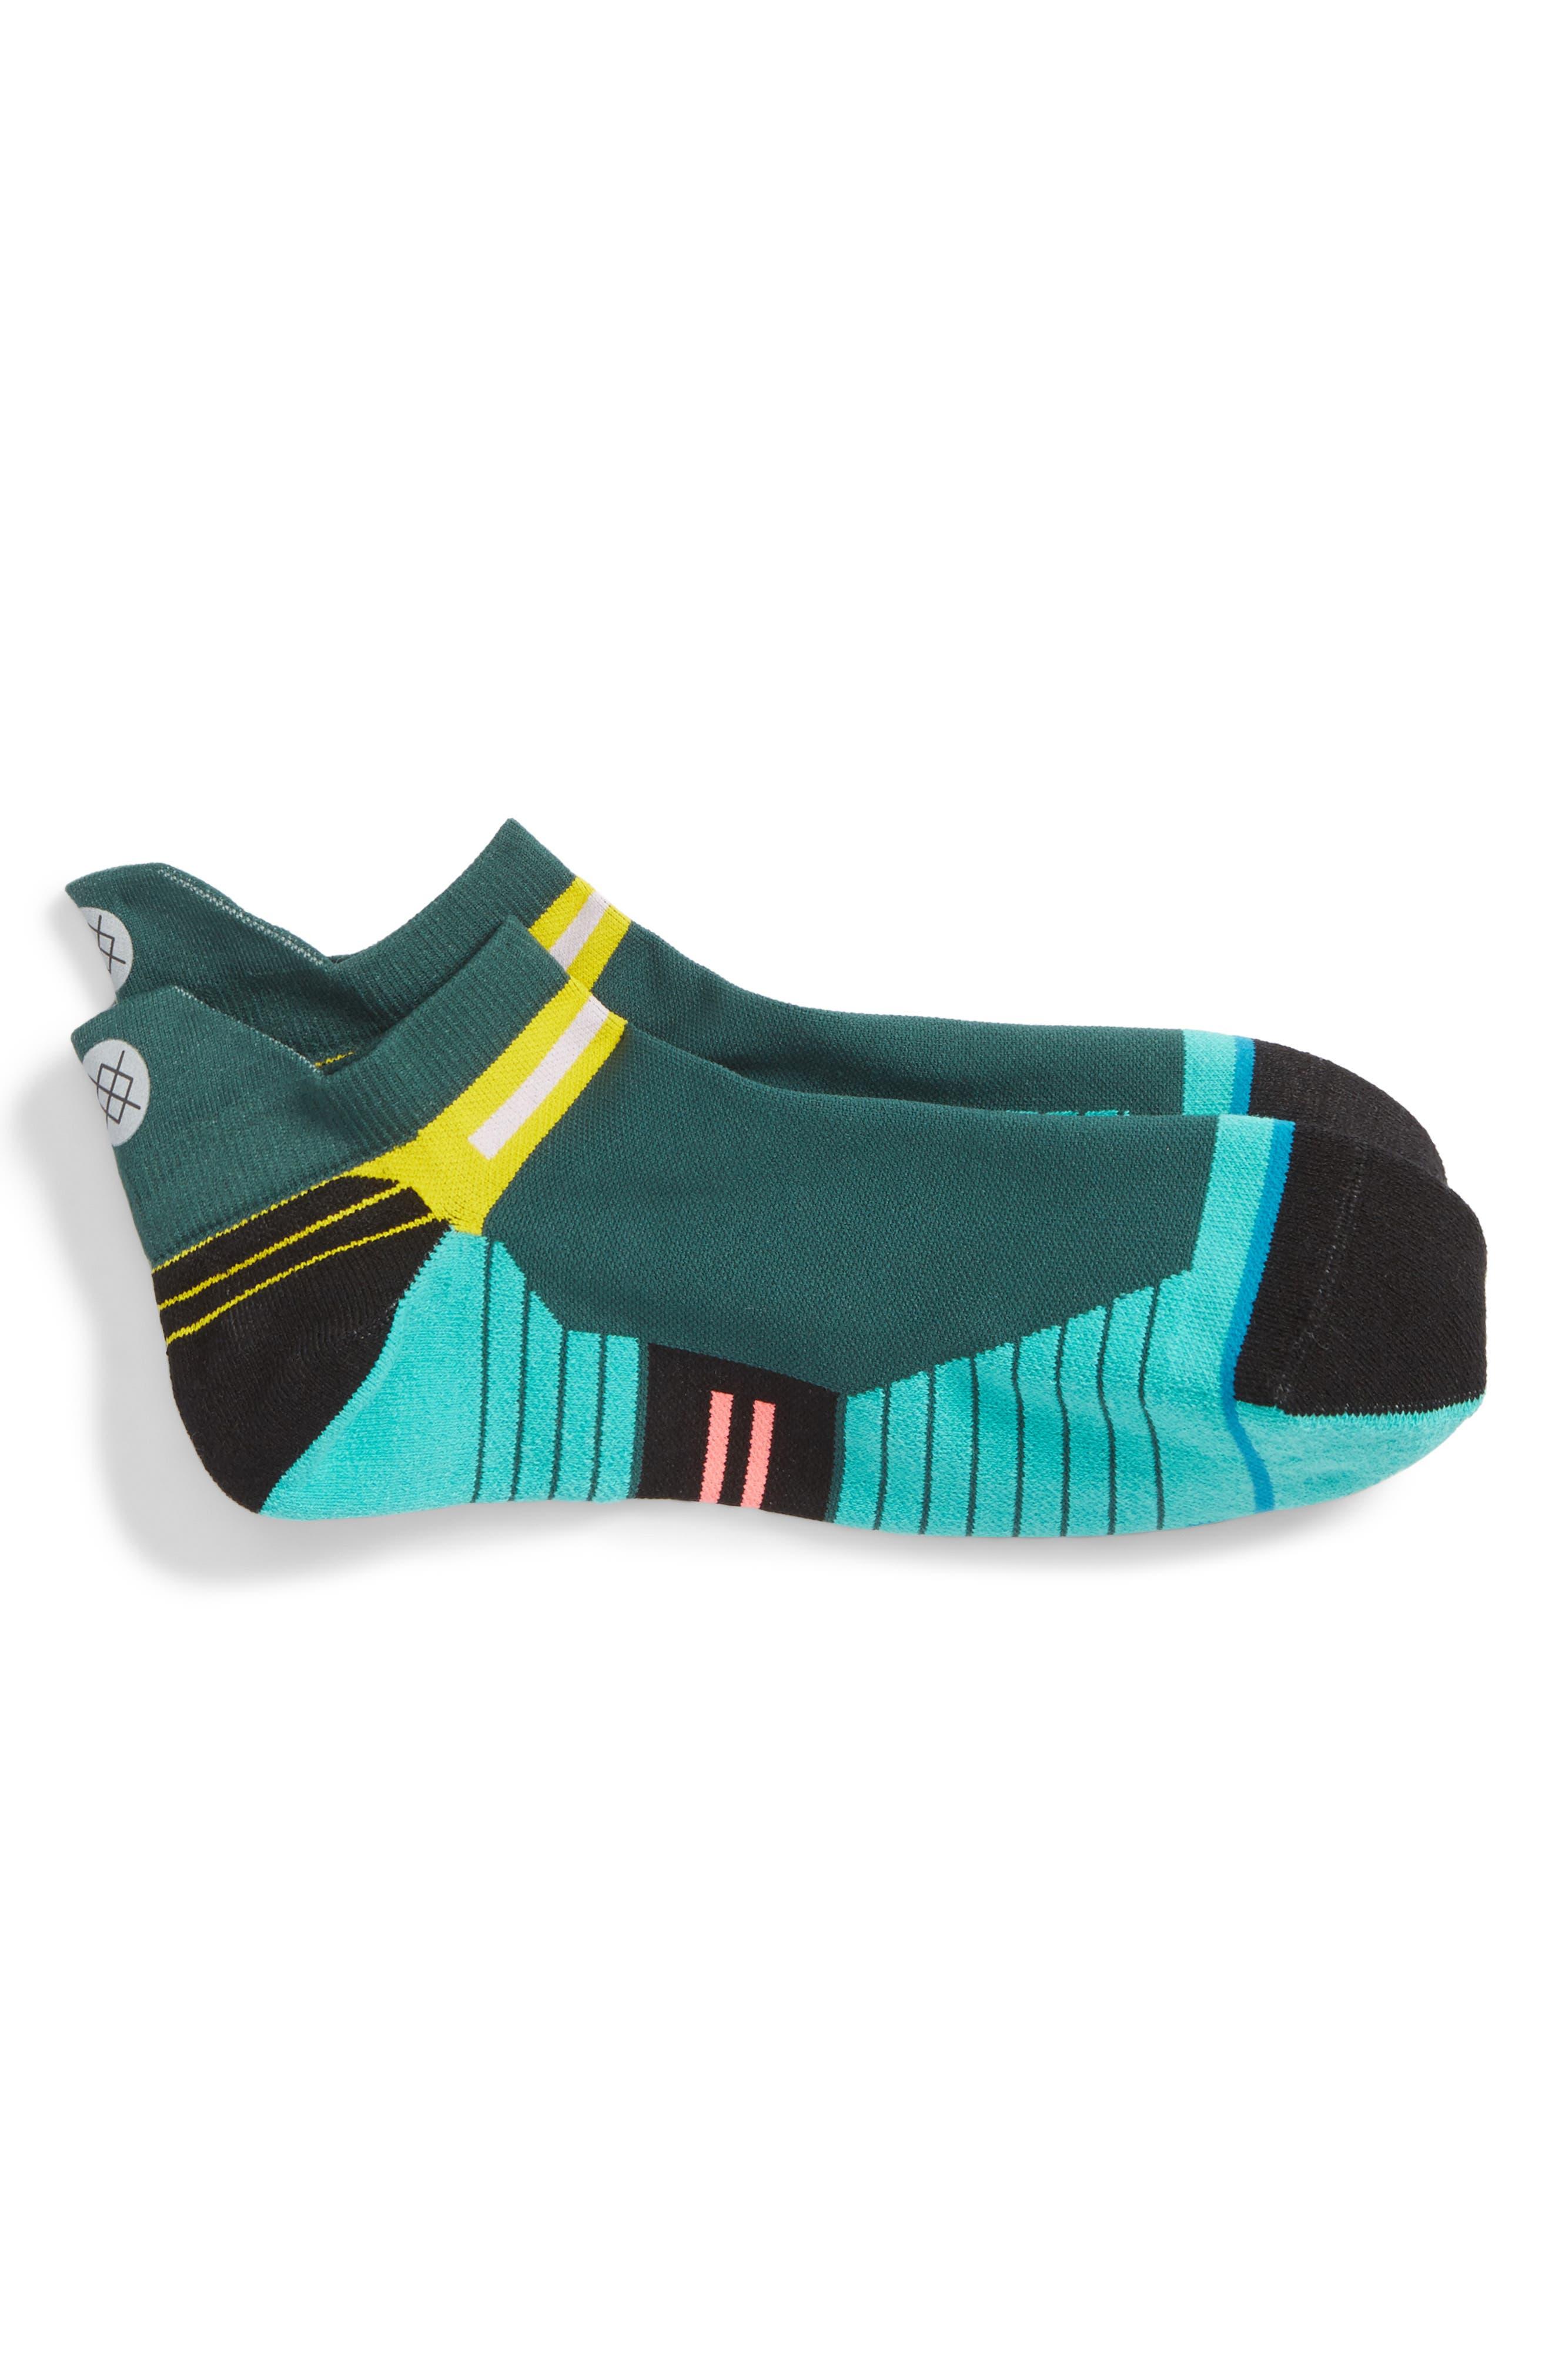 Stance Manoa Tab Ankle Socks